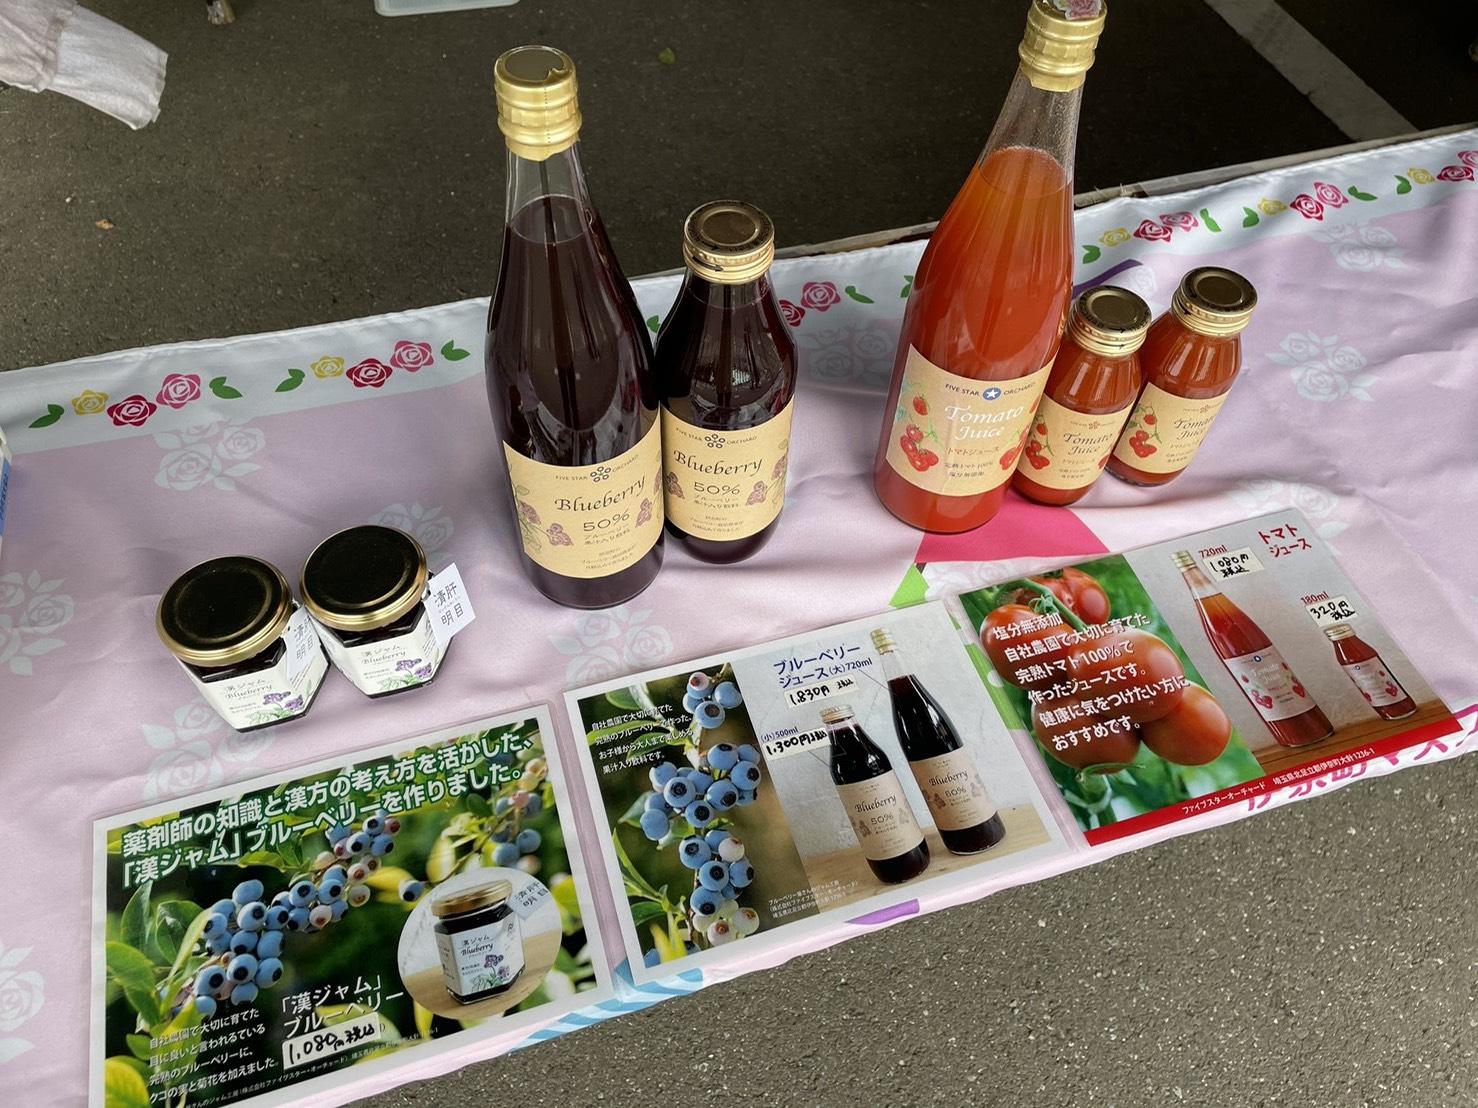 5月22日(土)上尾須ケ谷のトマト直売所 土曜日オープン致します。